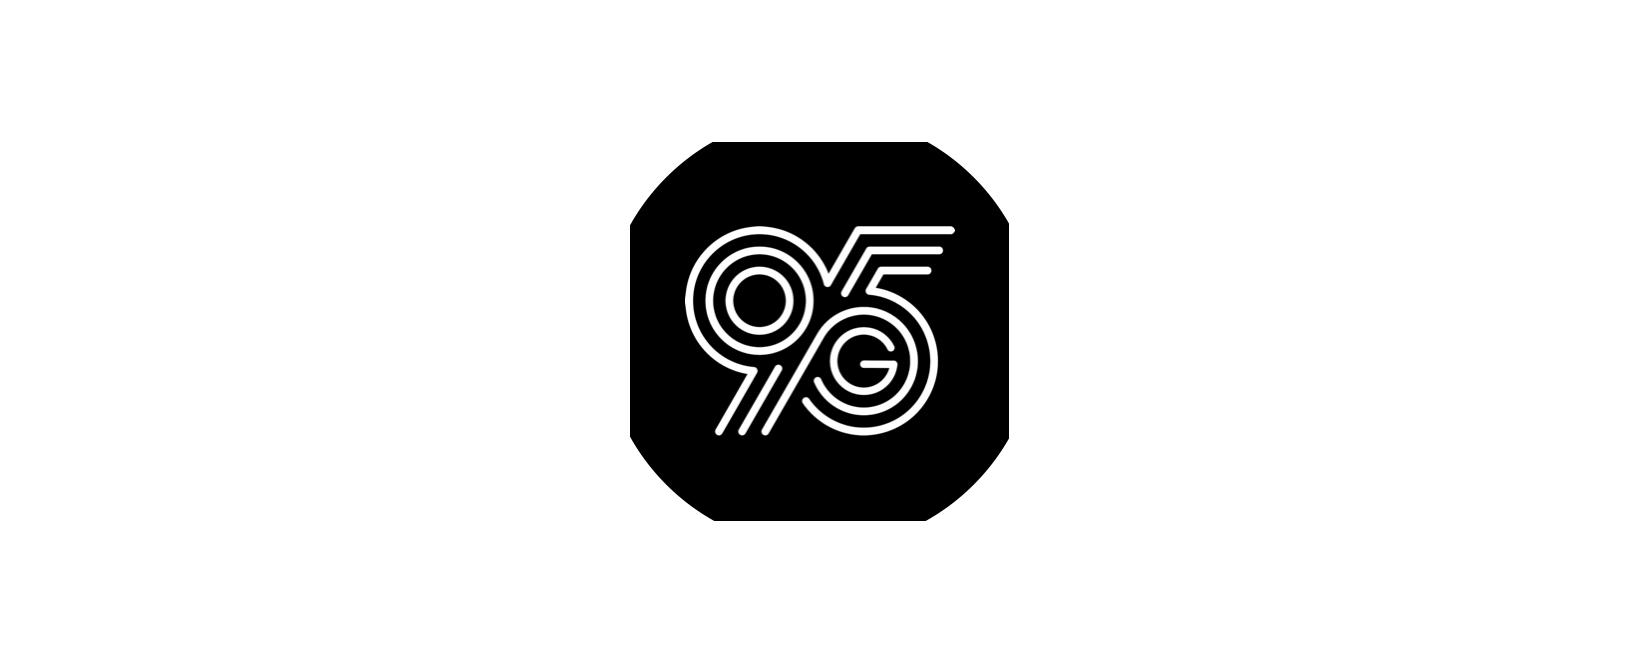 G95 Coupon Code 2021